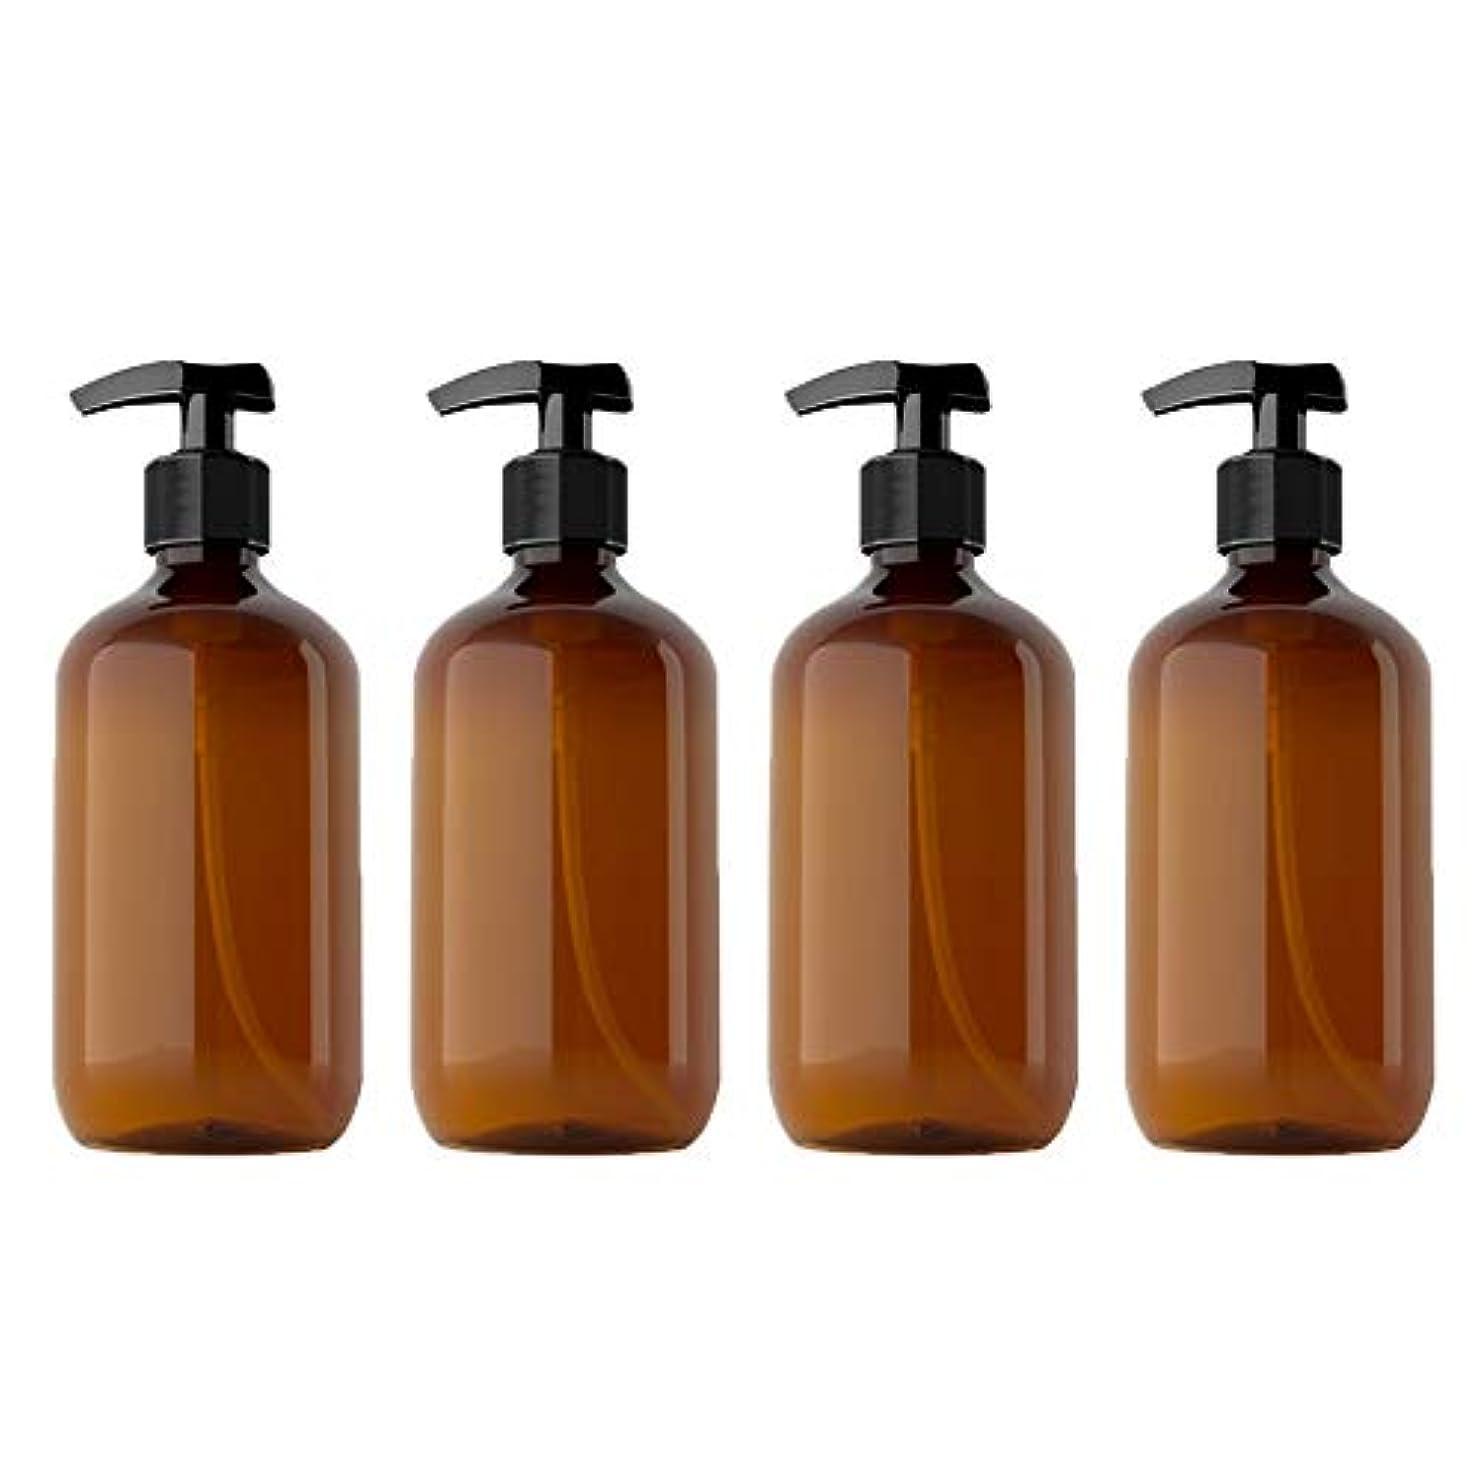 趣味柔らかい足設計図500mlペットローションボトルシャンプーボトル、4パック空のPlasticプラスチックポンプボトル、詰め替えローション液体石鹸ポンプエッセンシャルオイル、クリーニング製品、ローションの茶色のボトル